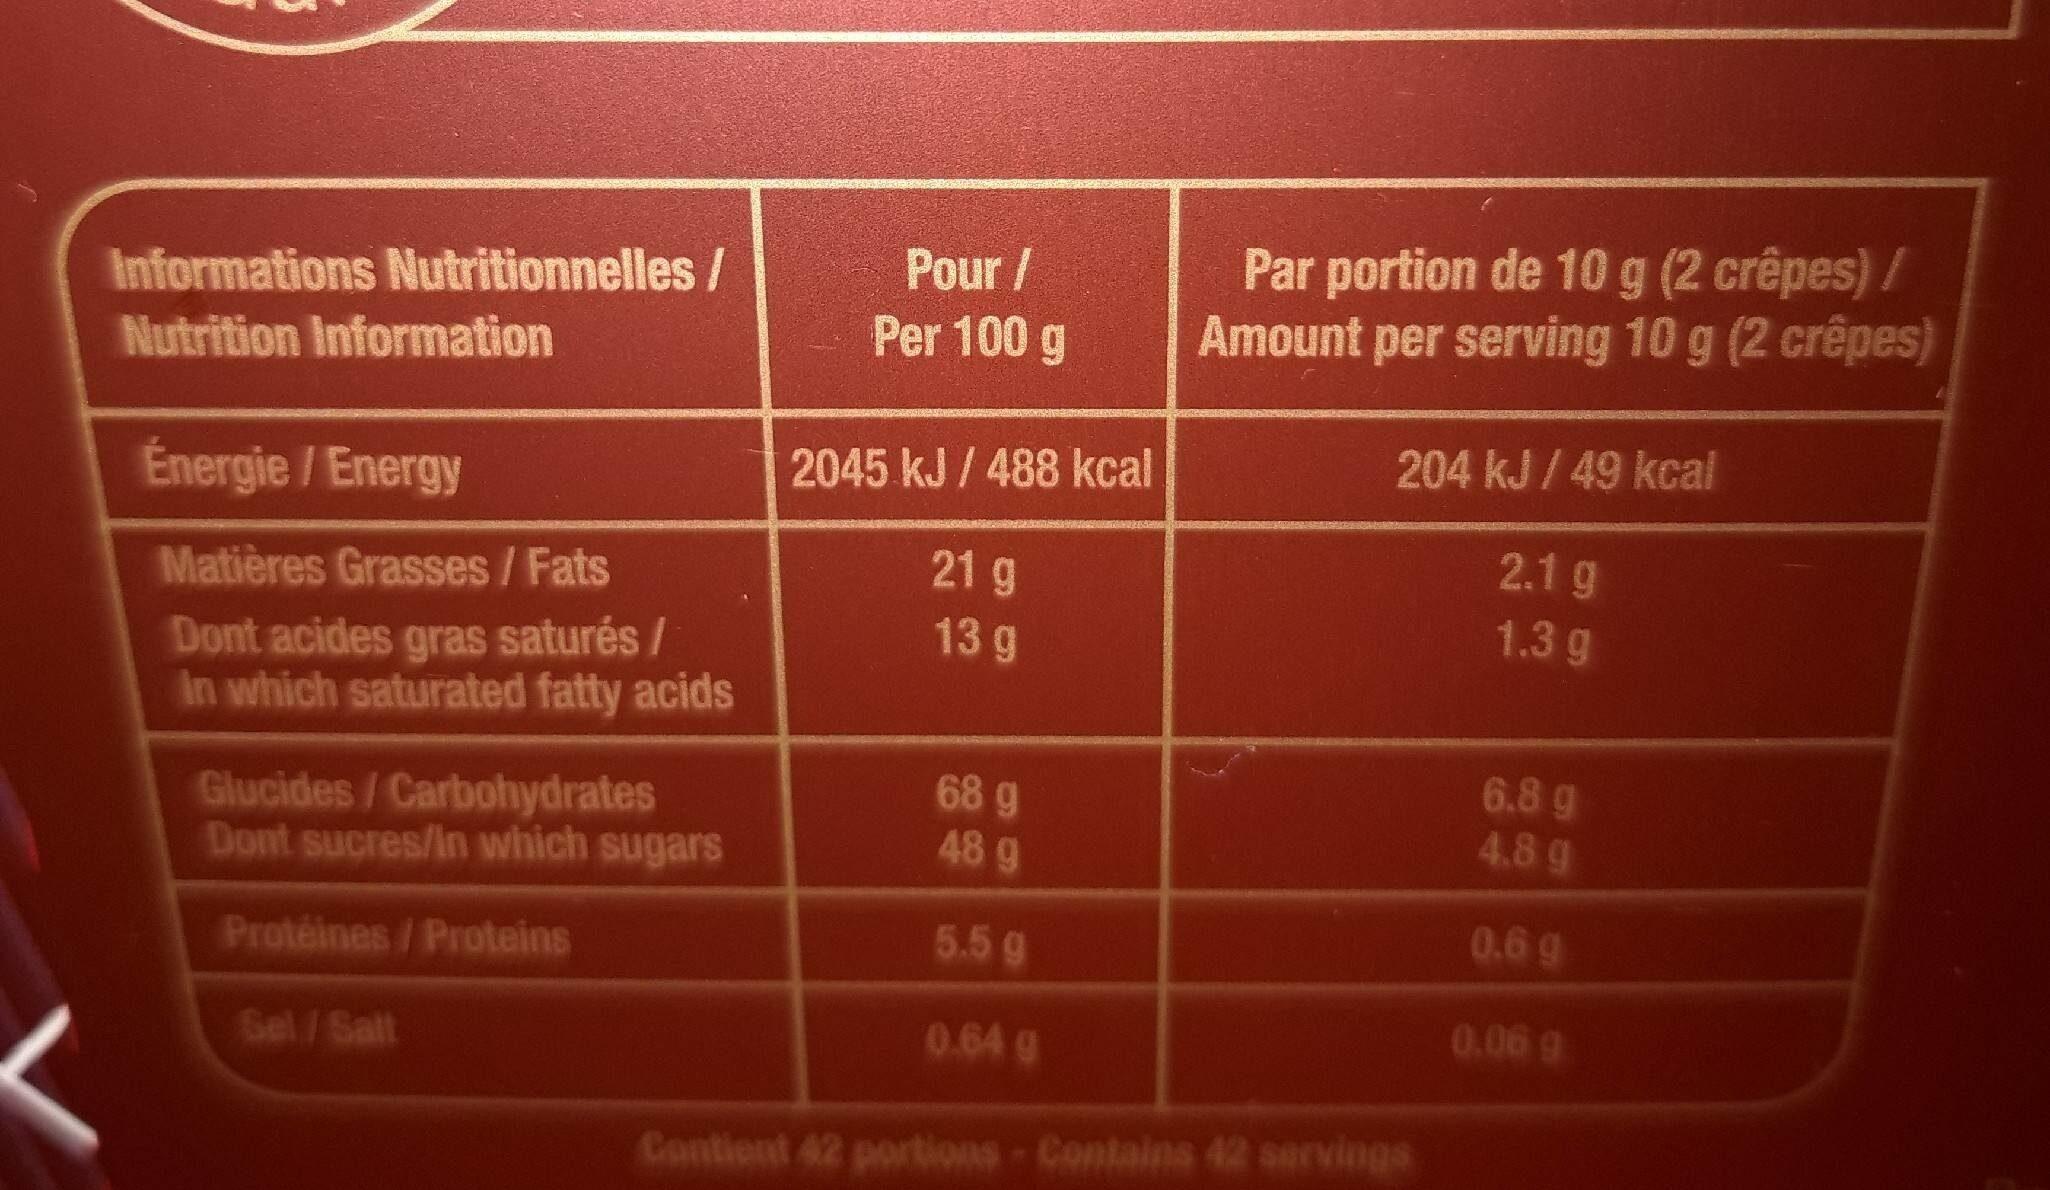 Assortiment de Crêpes Dentelle - Nutrition facts - fr